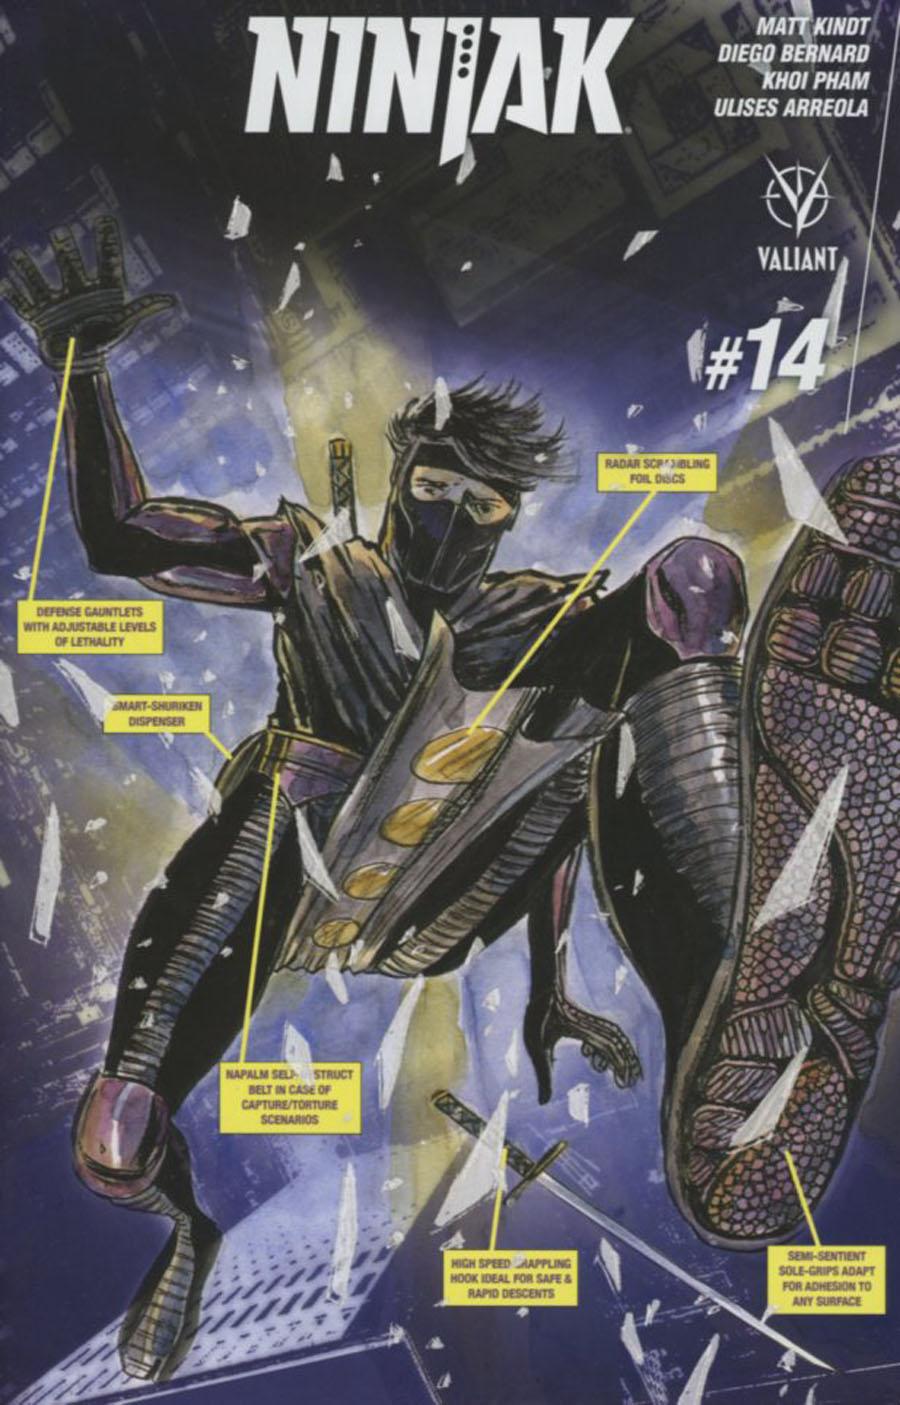 Ninjak Vol 3 #14 Cover F Incentive Matt Kindt Variant Cover